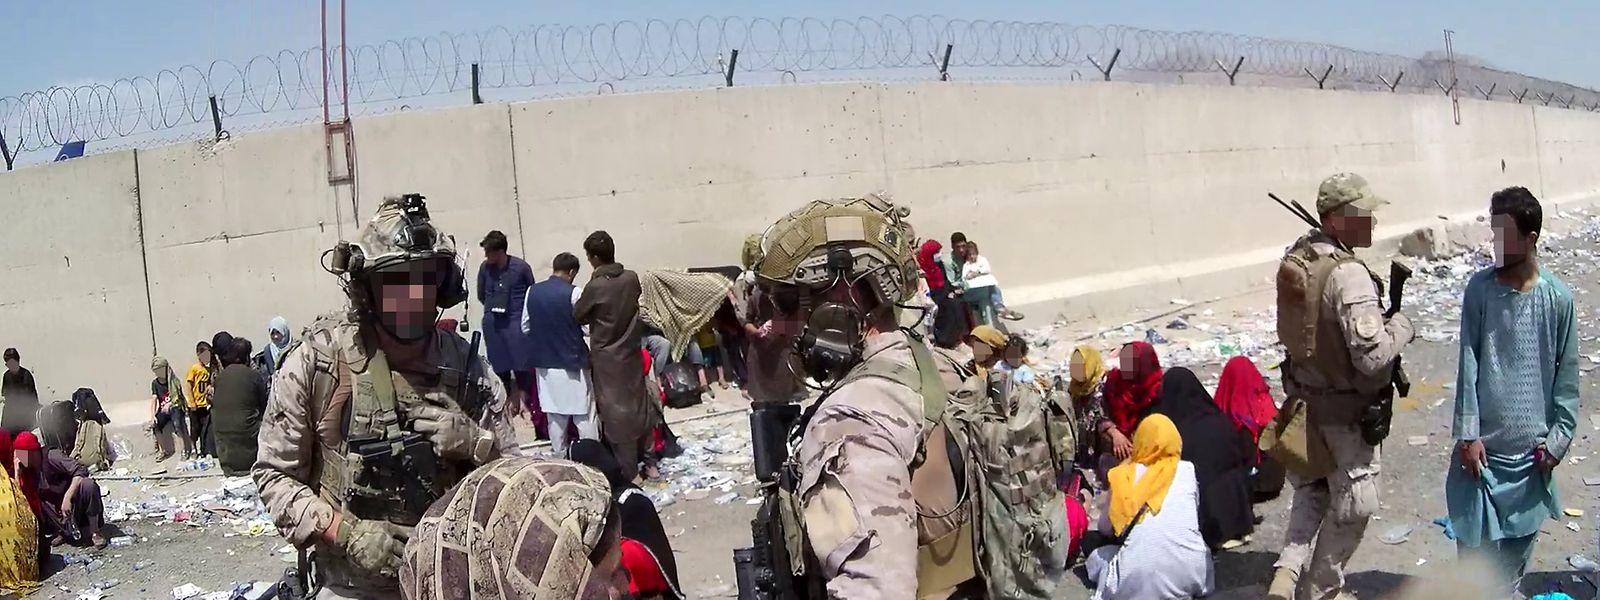 Soldaten des Sondereinsatzkommandos der spanischen Armee nehmen am 26. August 2021 an Evakuierungsarbeiten auf dem Flughafen von Kabul teil.